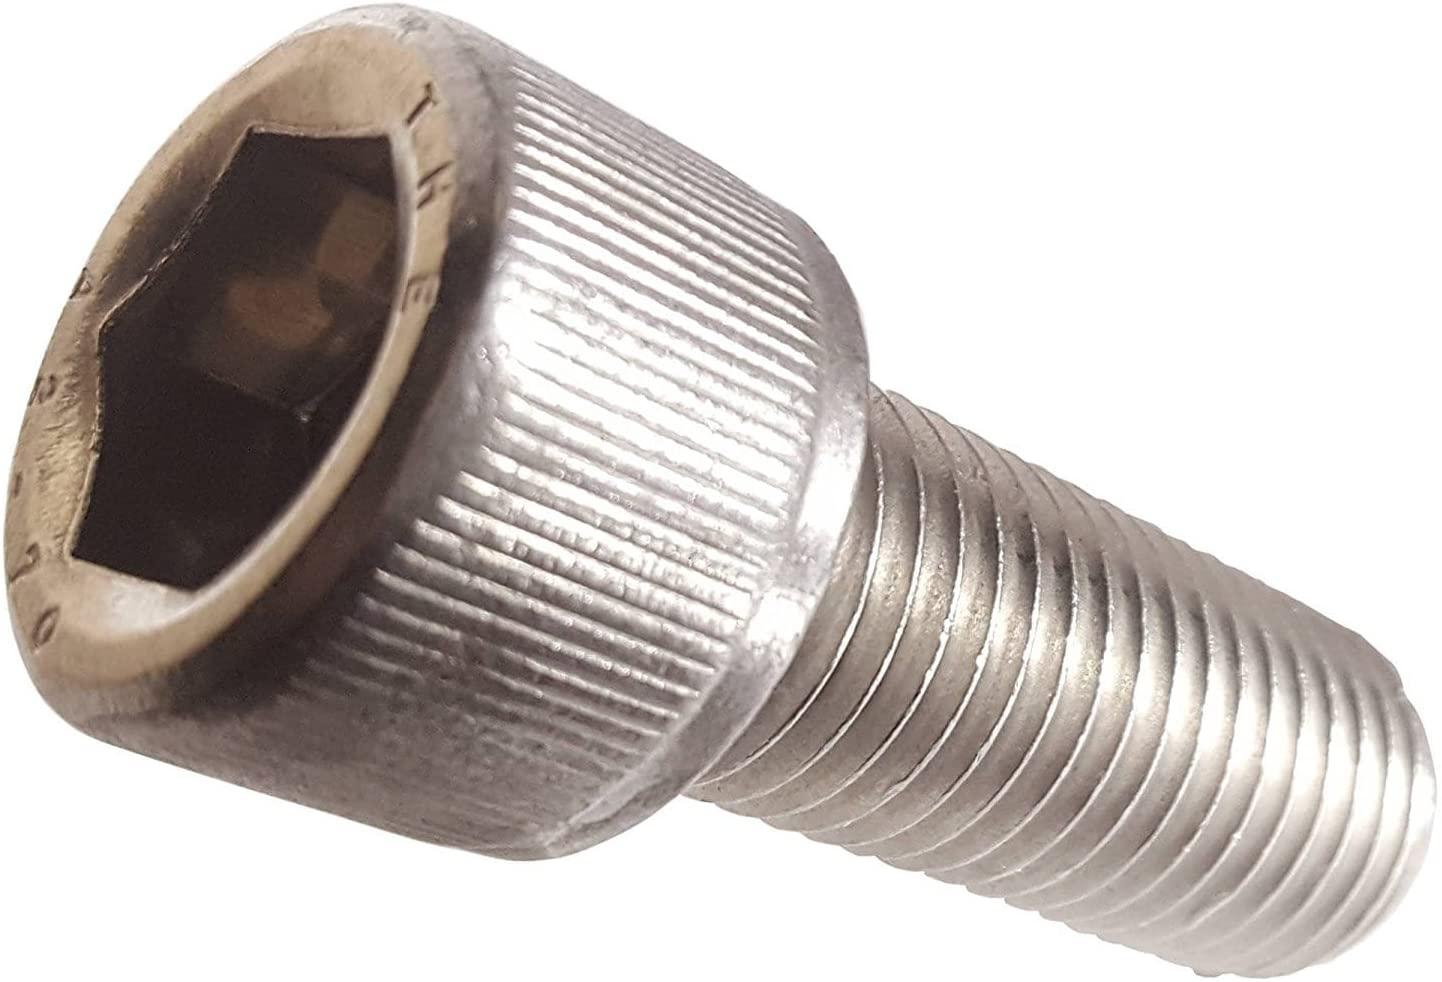 Socket Head Cap Screw, 3/8-16 x 5/8